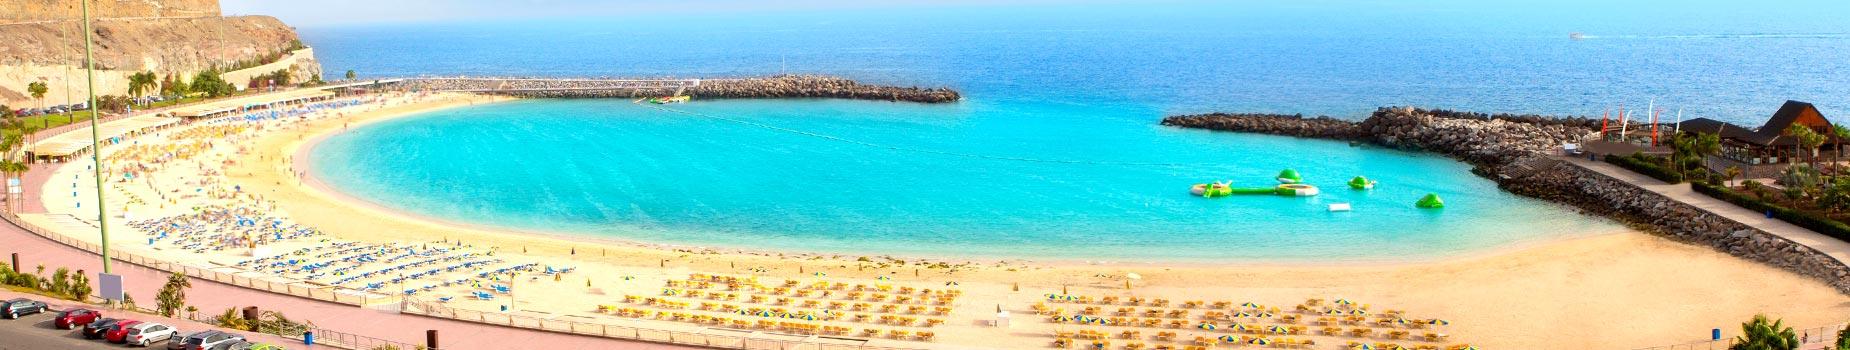 Vliegvakantie Gran Canaria